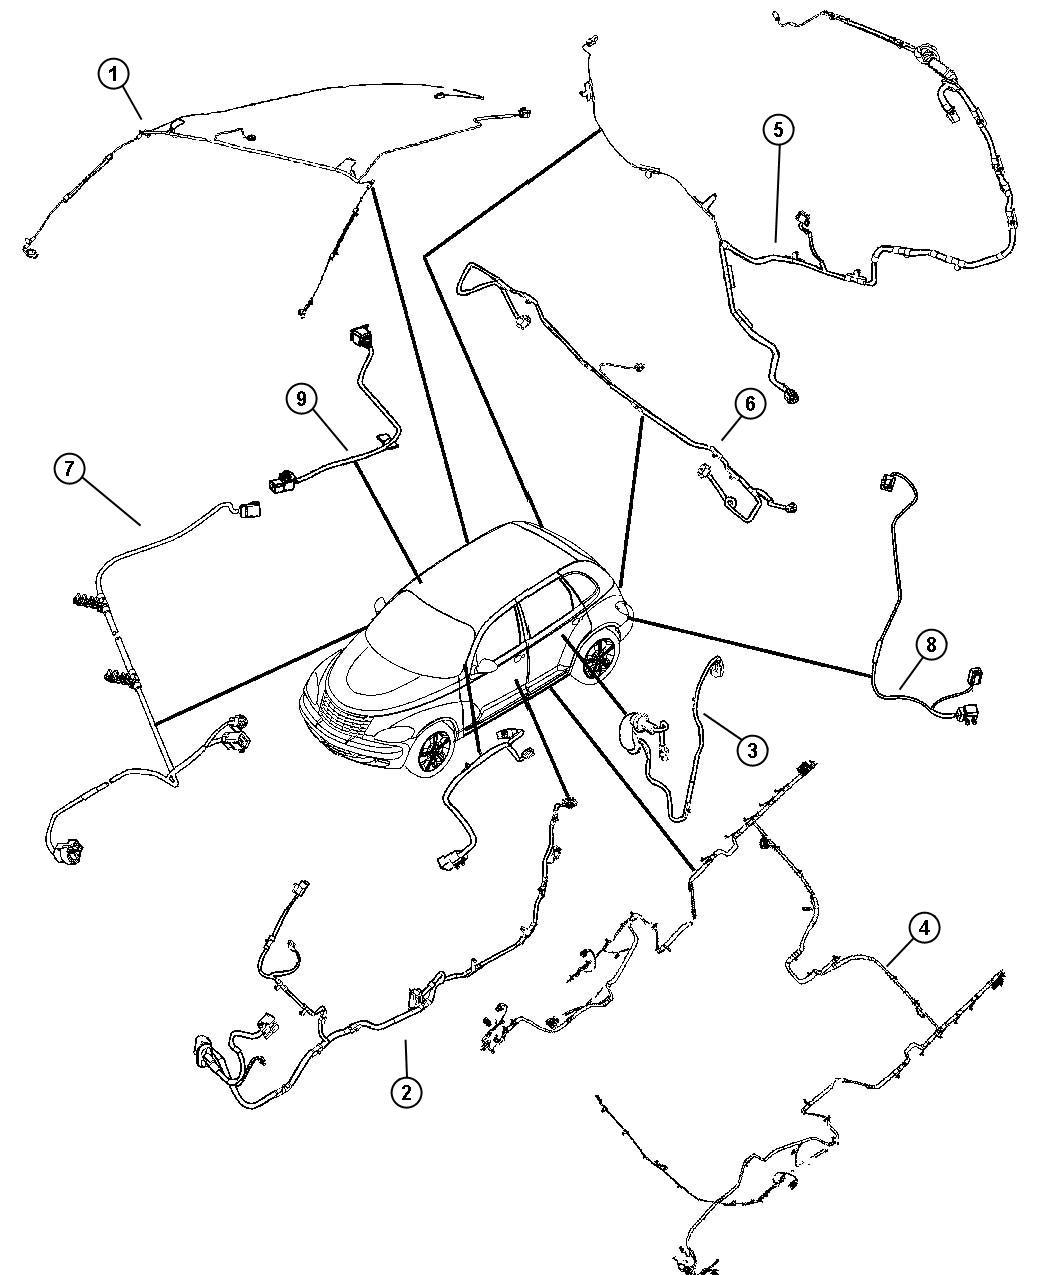 2007 Chrysler Pt Cruiser Wiring. Headliner. Trim: [all